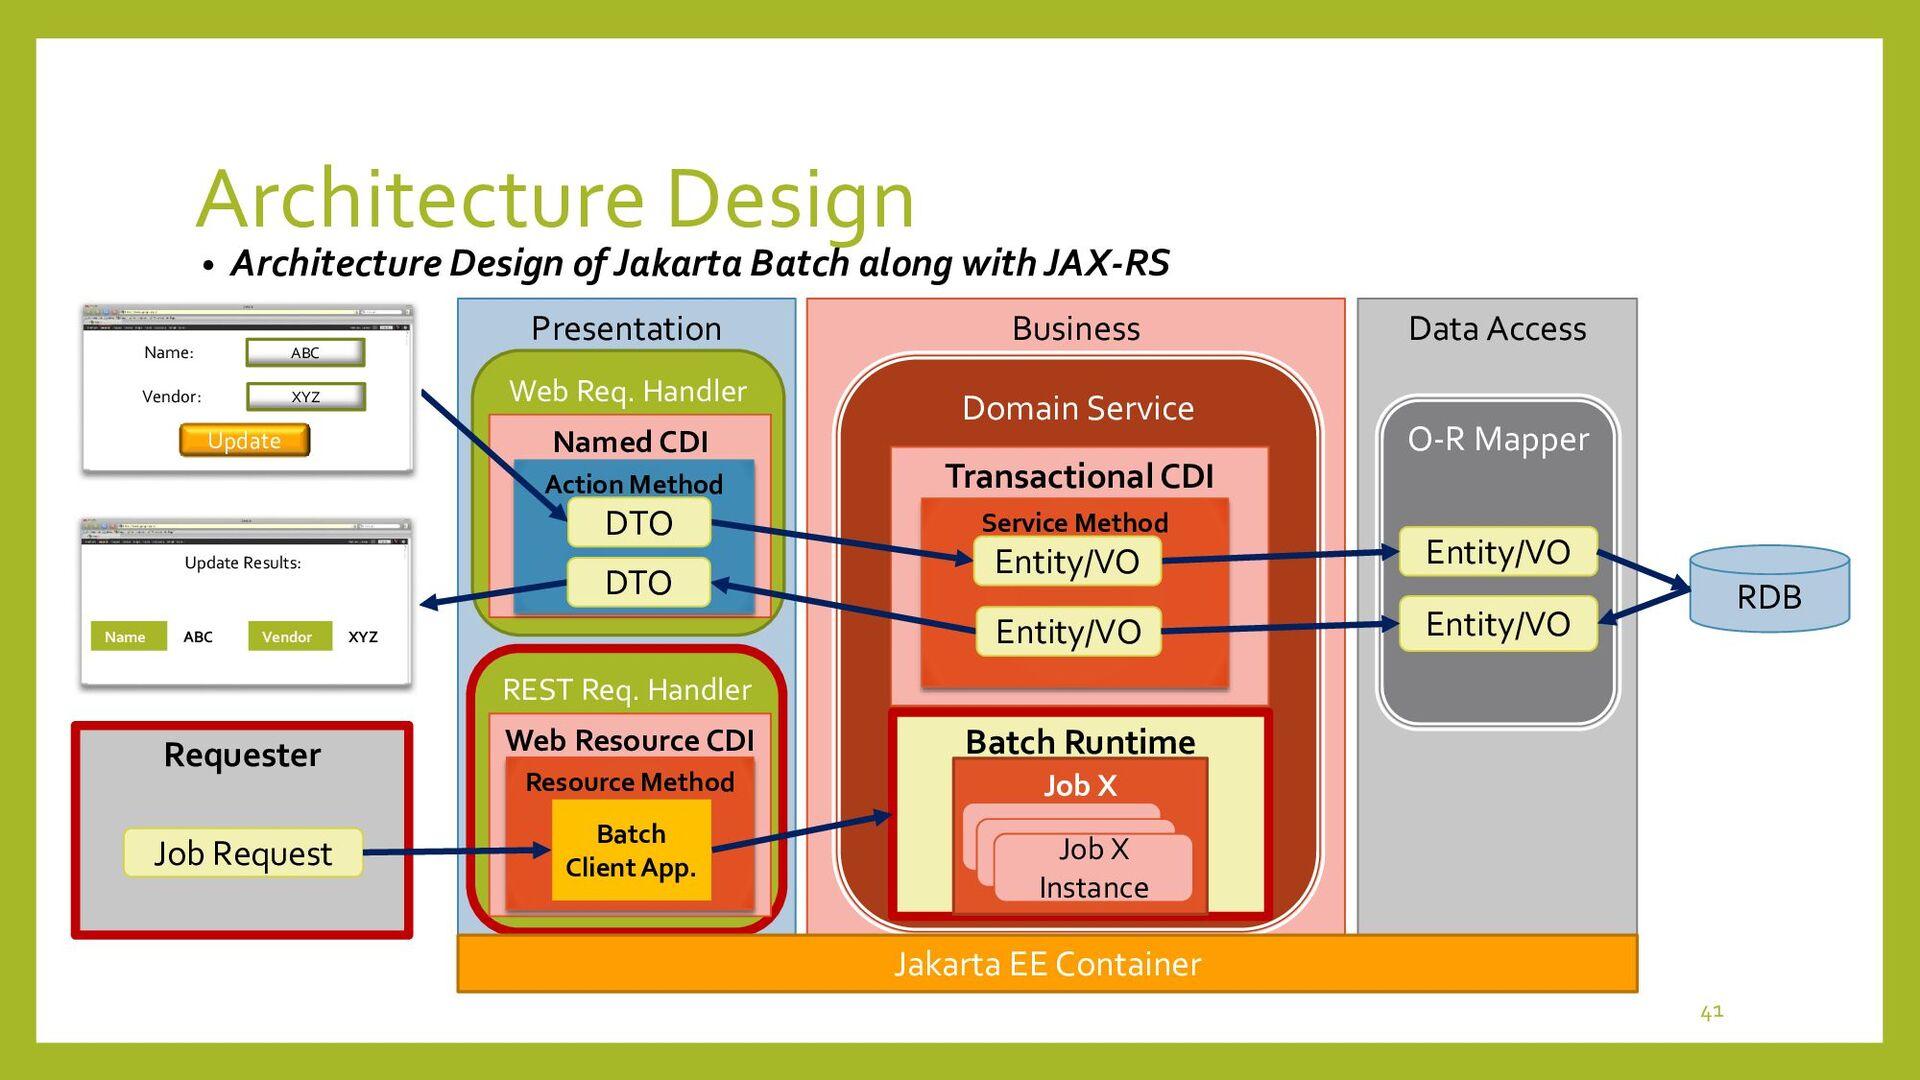 Batch Client App. with JAX-RS • Batch Client Ap...